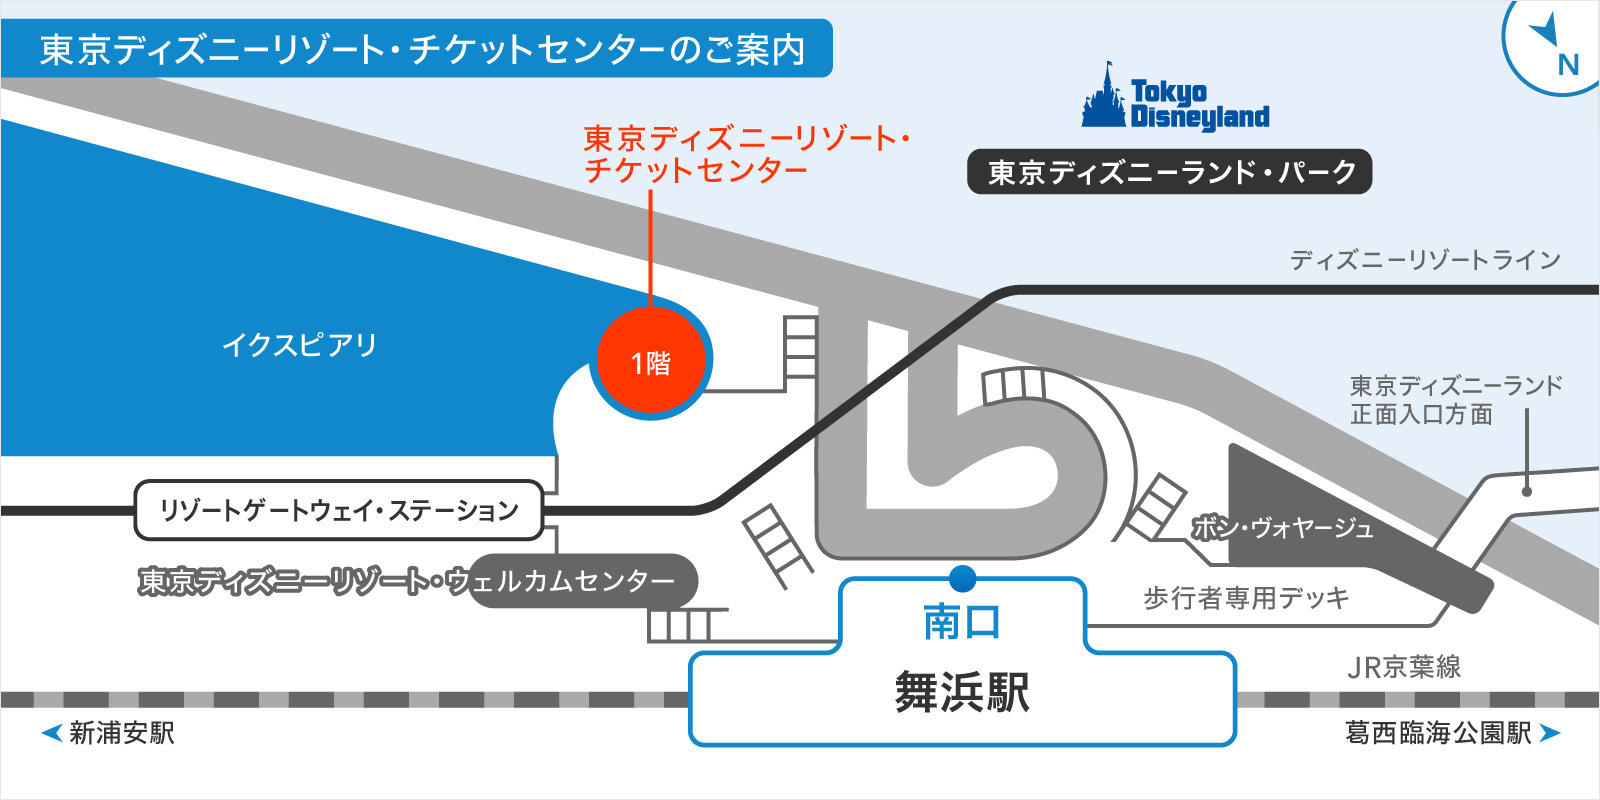 東京ディズニーリゾート・チケットセンターの地図